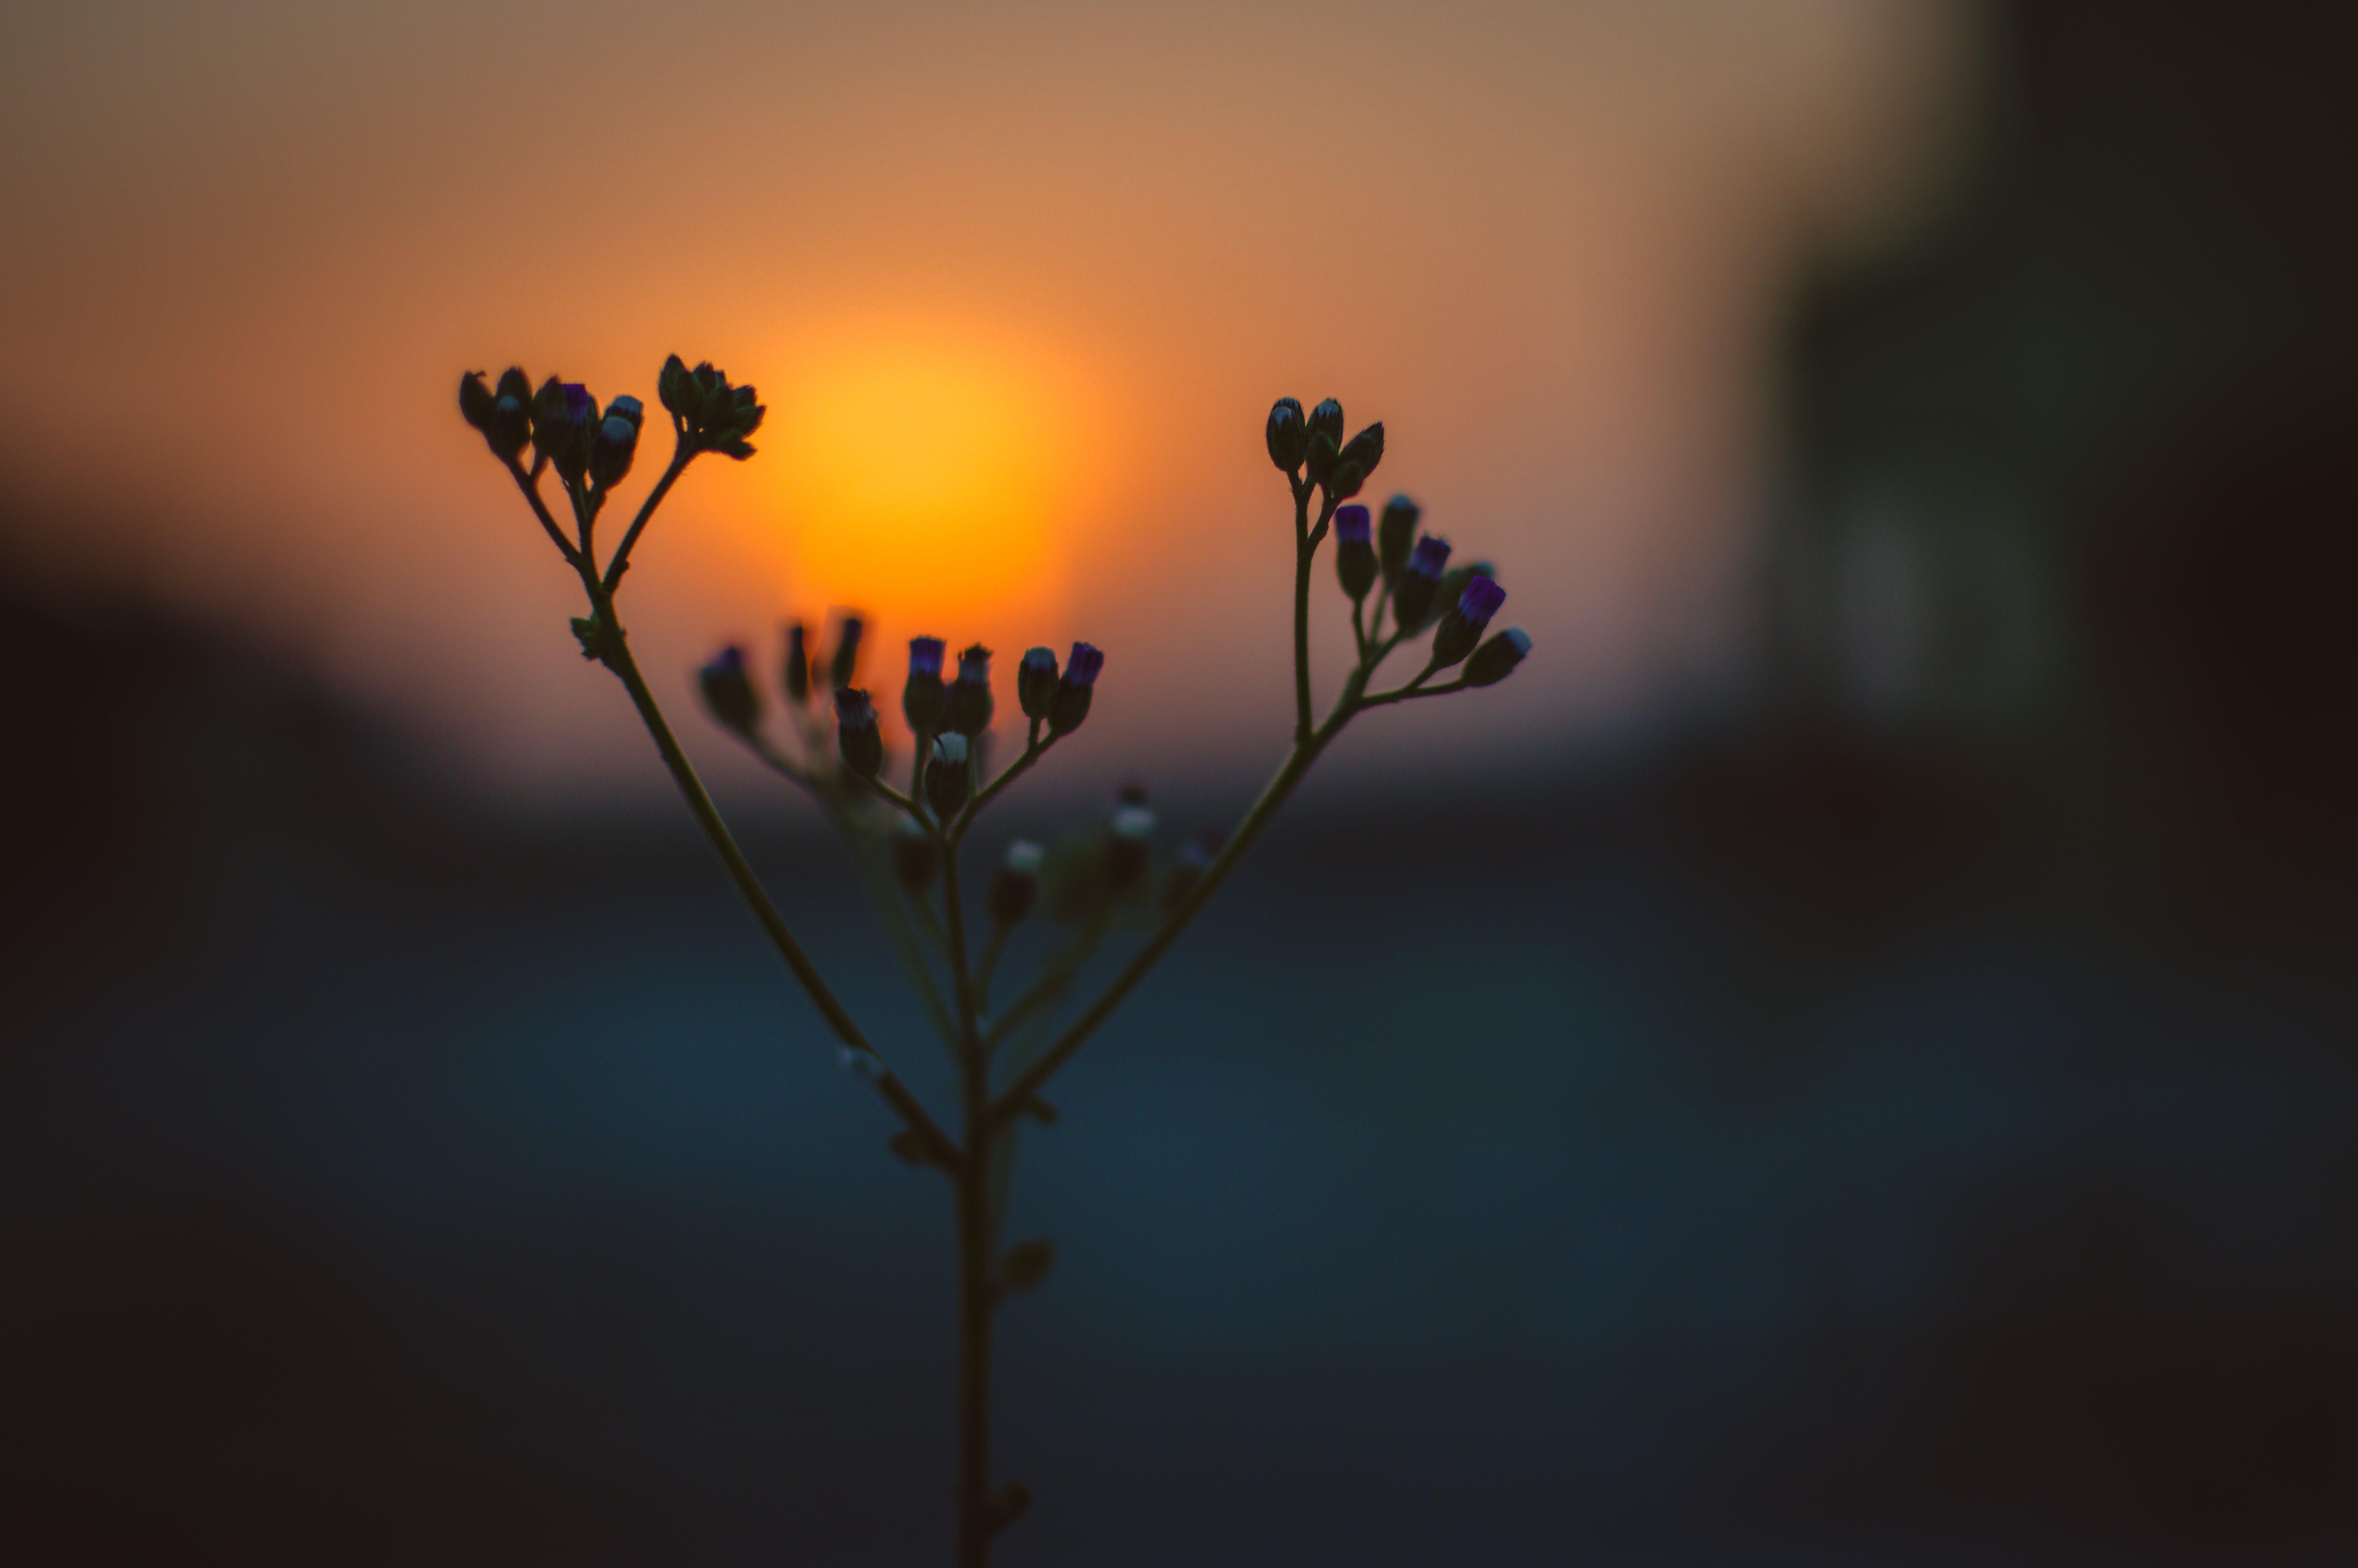 Δωρεάν στοκ φωτογραφιών με ανάπτυξη, Ανατολή ηλίου, αποπροσανατολισμένος, αυγή